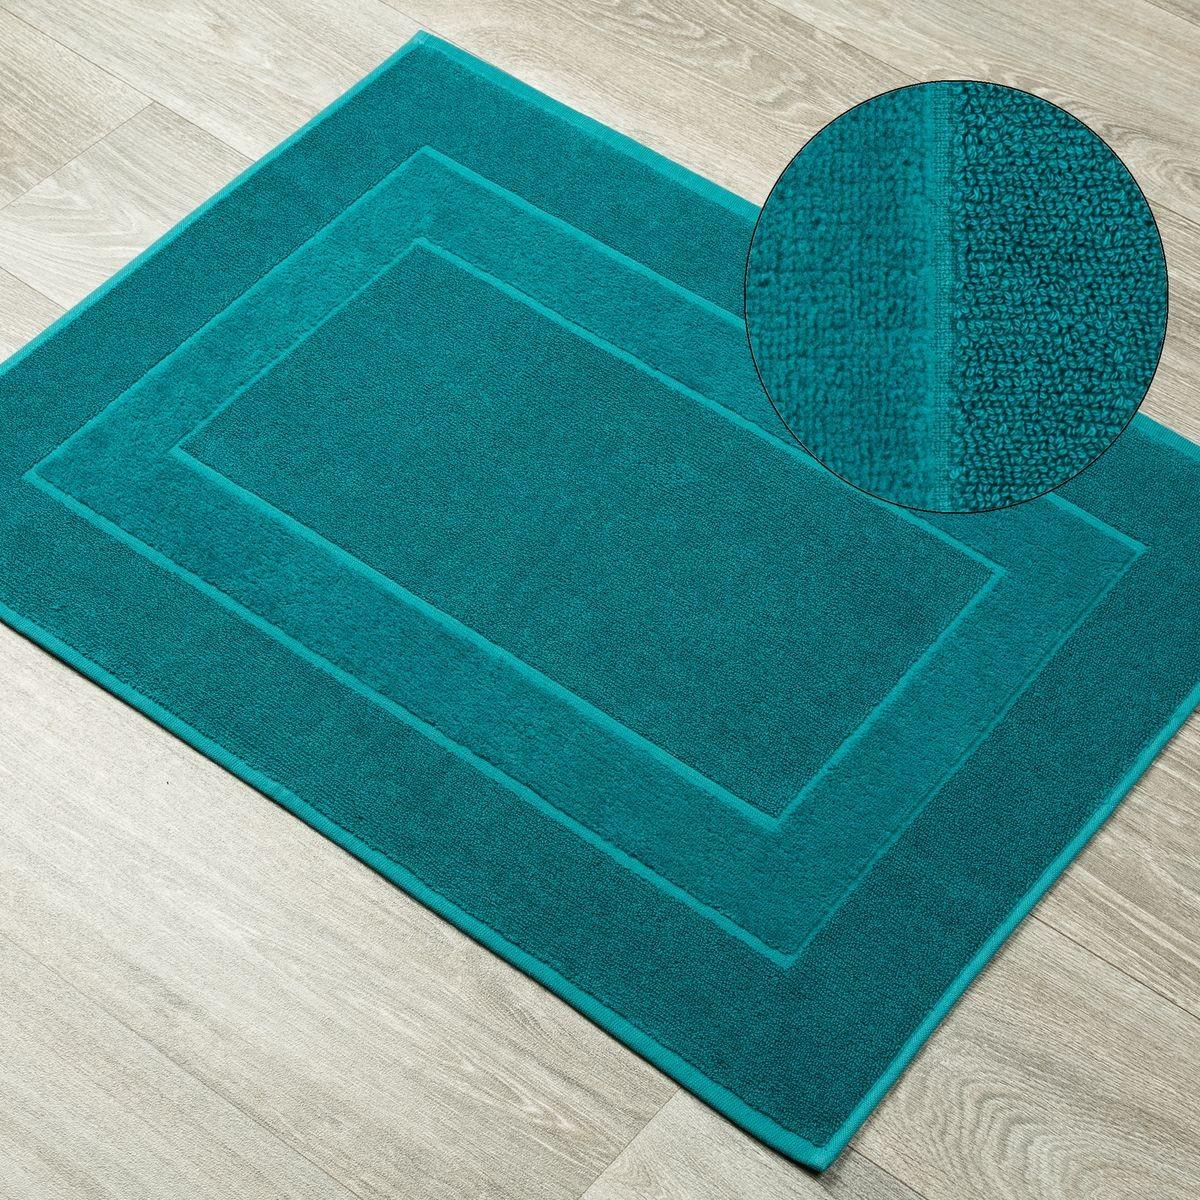 DomTextilu Tyrkysový kúpeľňový koberec z bavlny Šírka: 50 cm | Dĺžka: 70 cm 44533-208242